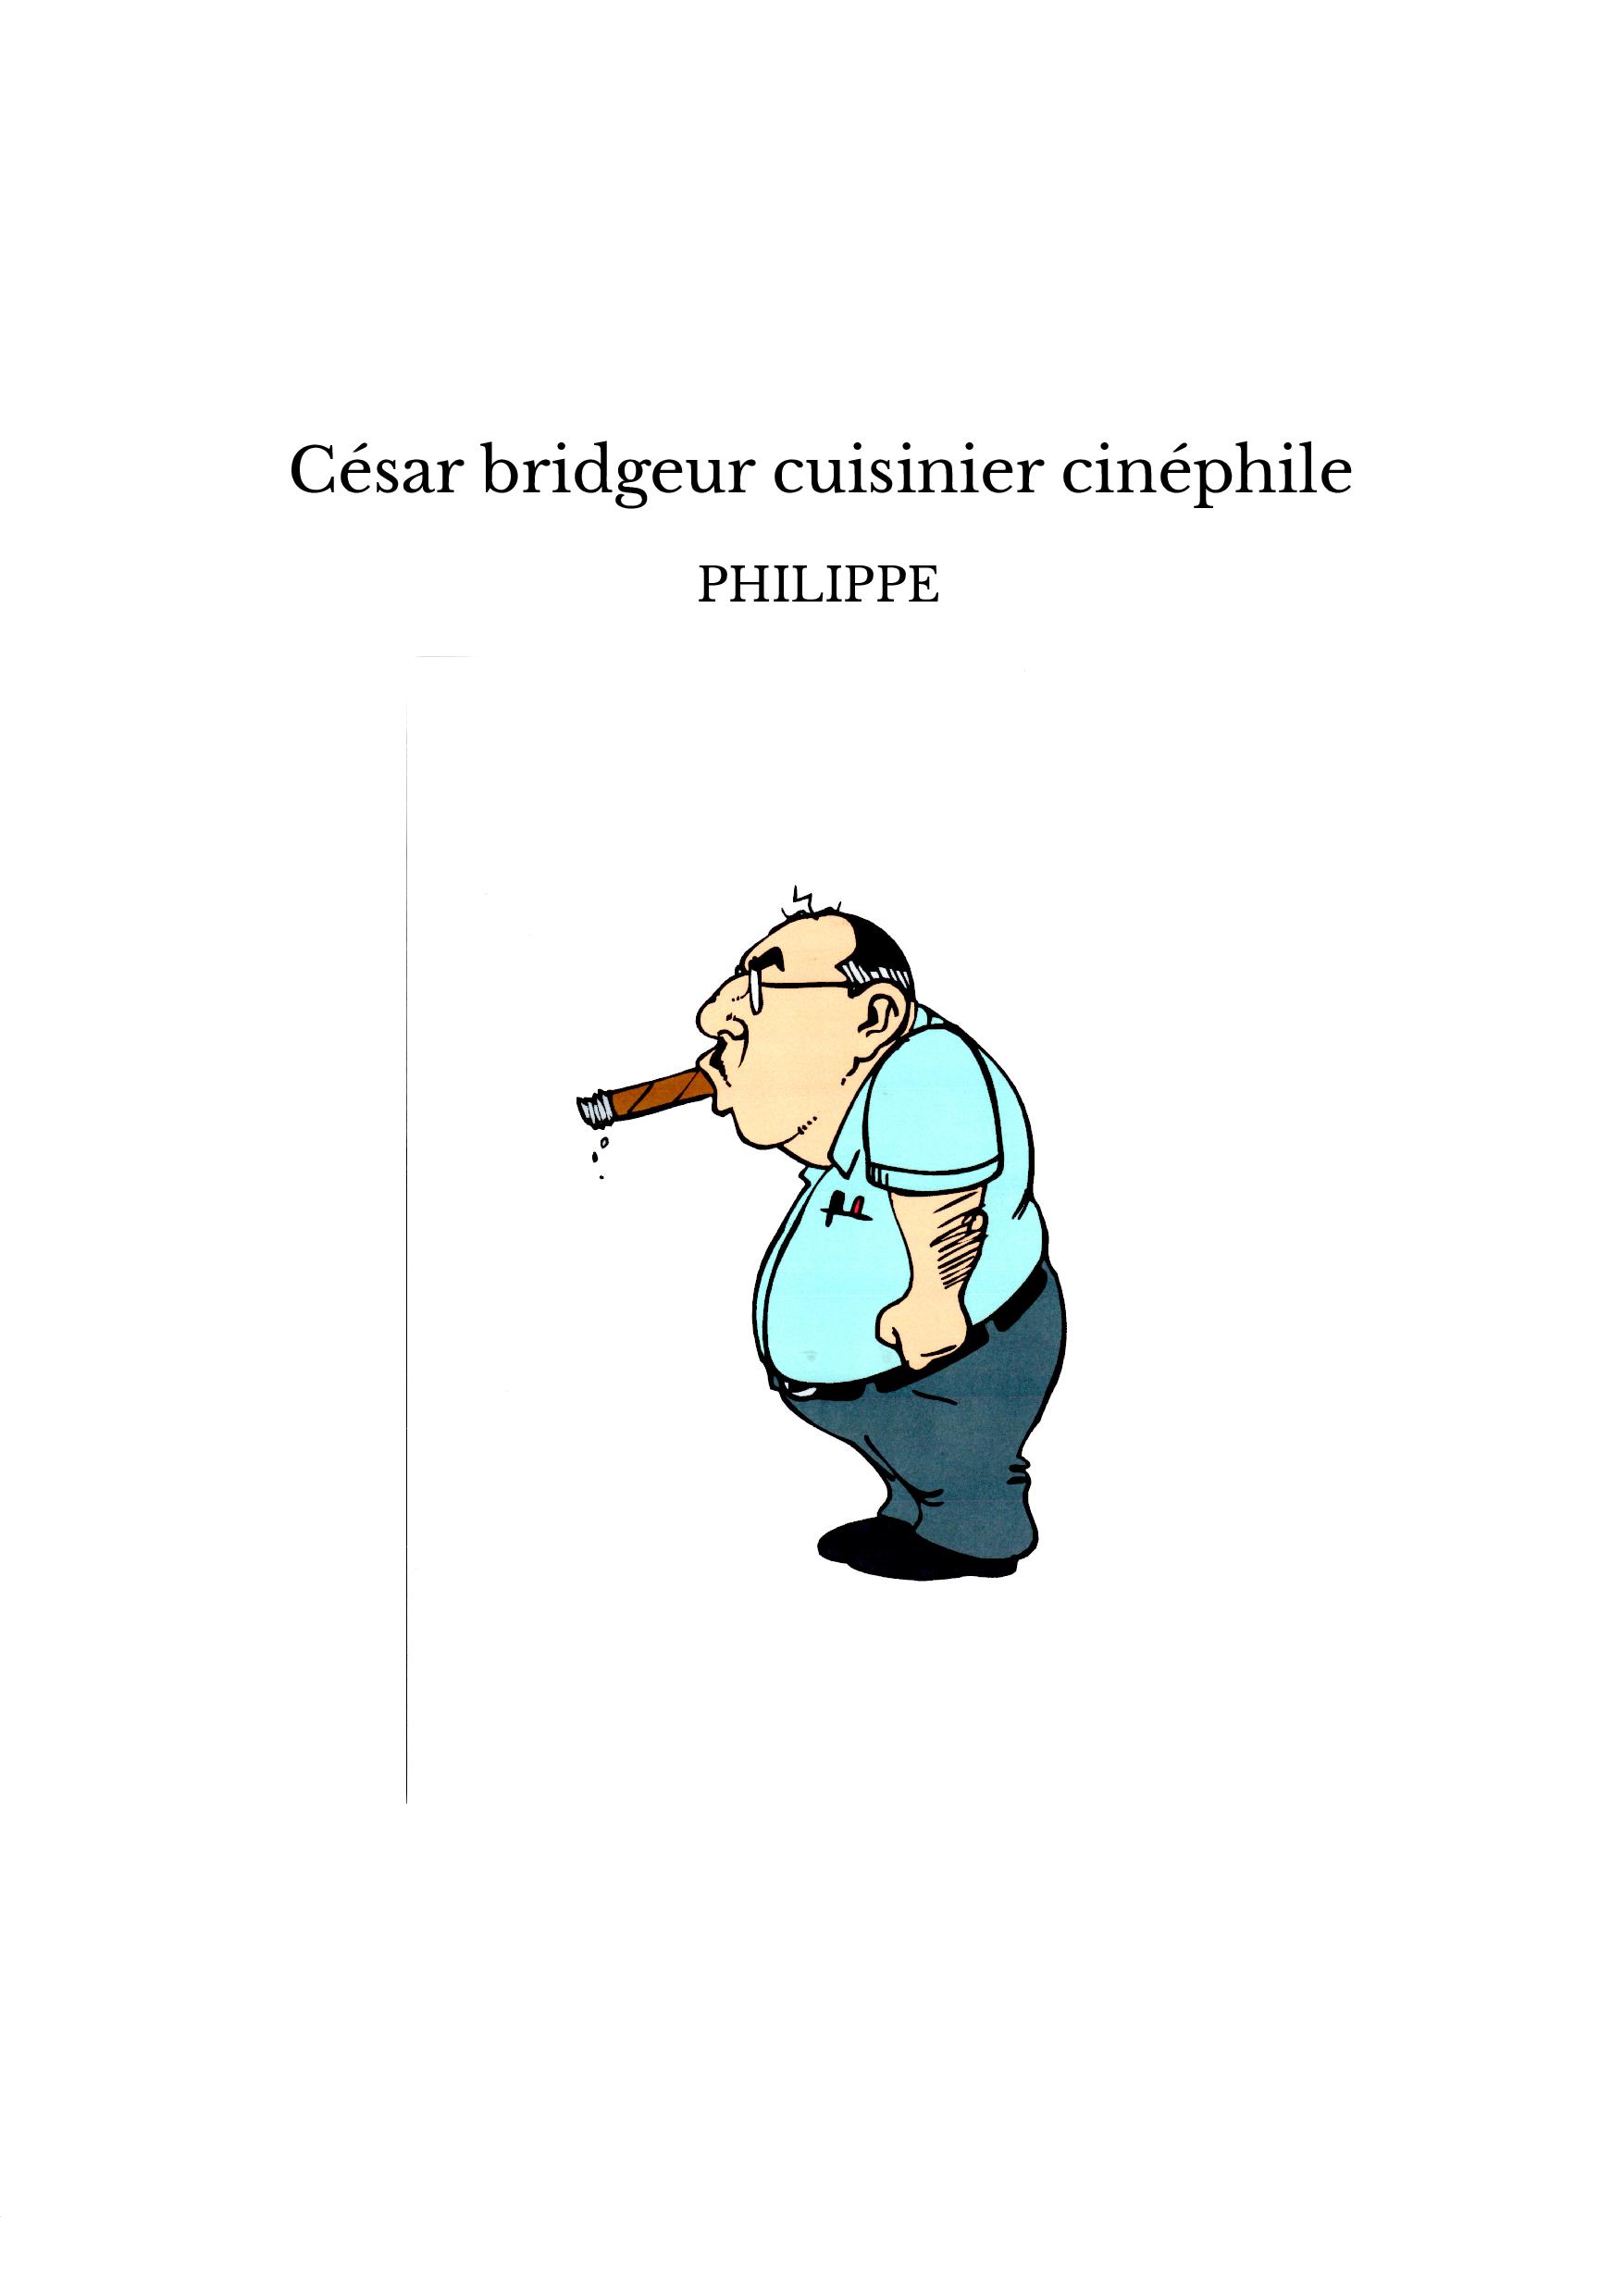 César bridgeur cuisinier cinéphile